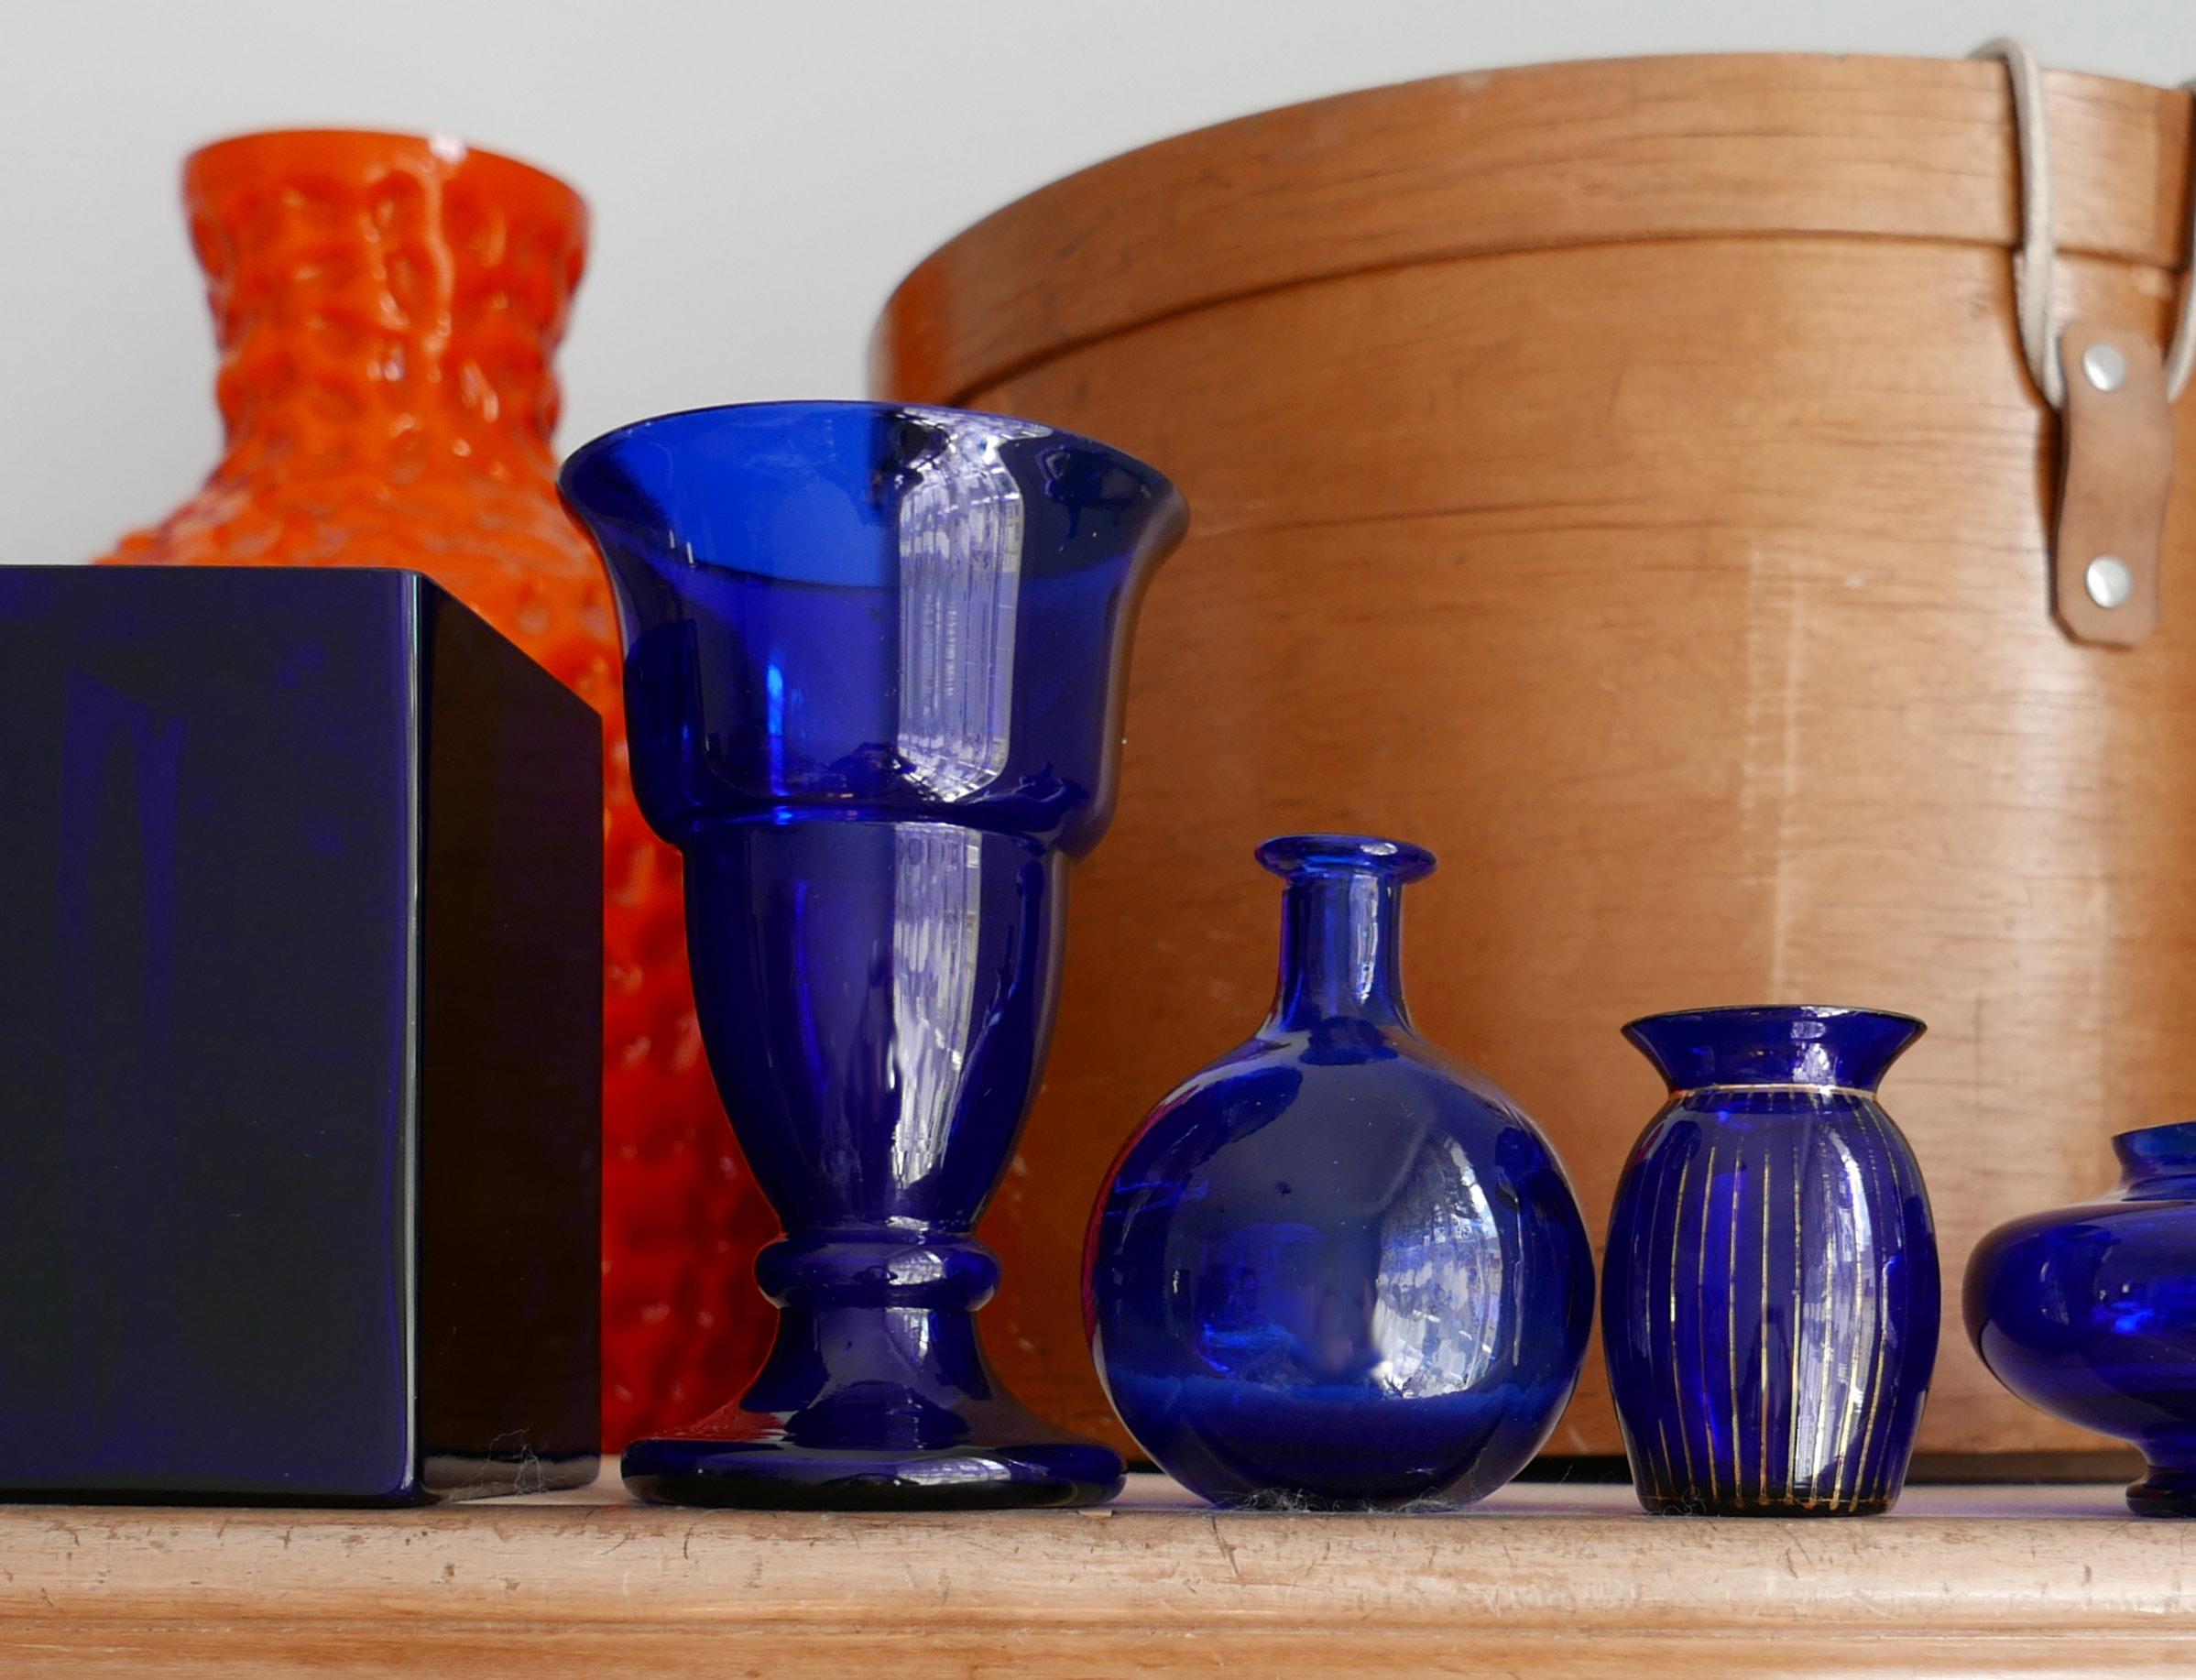 Blumenvasen aus dunkelblauem Glas viele Vasen keine Blumen